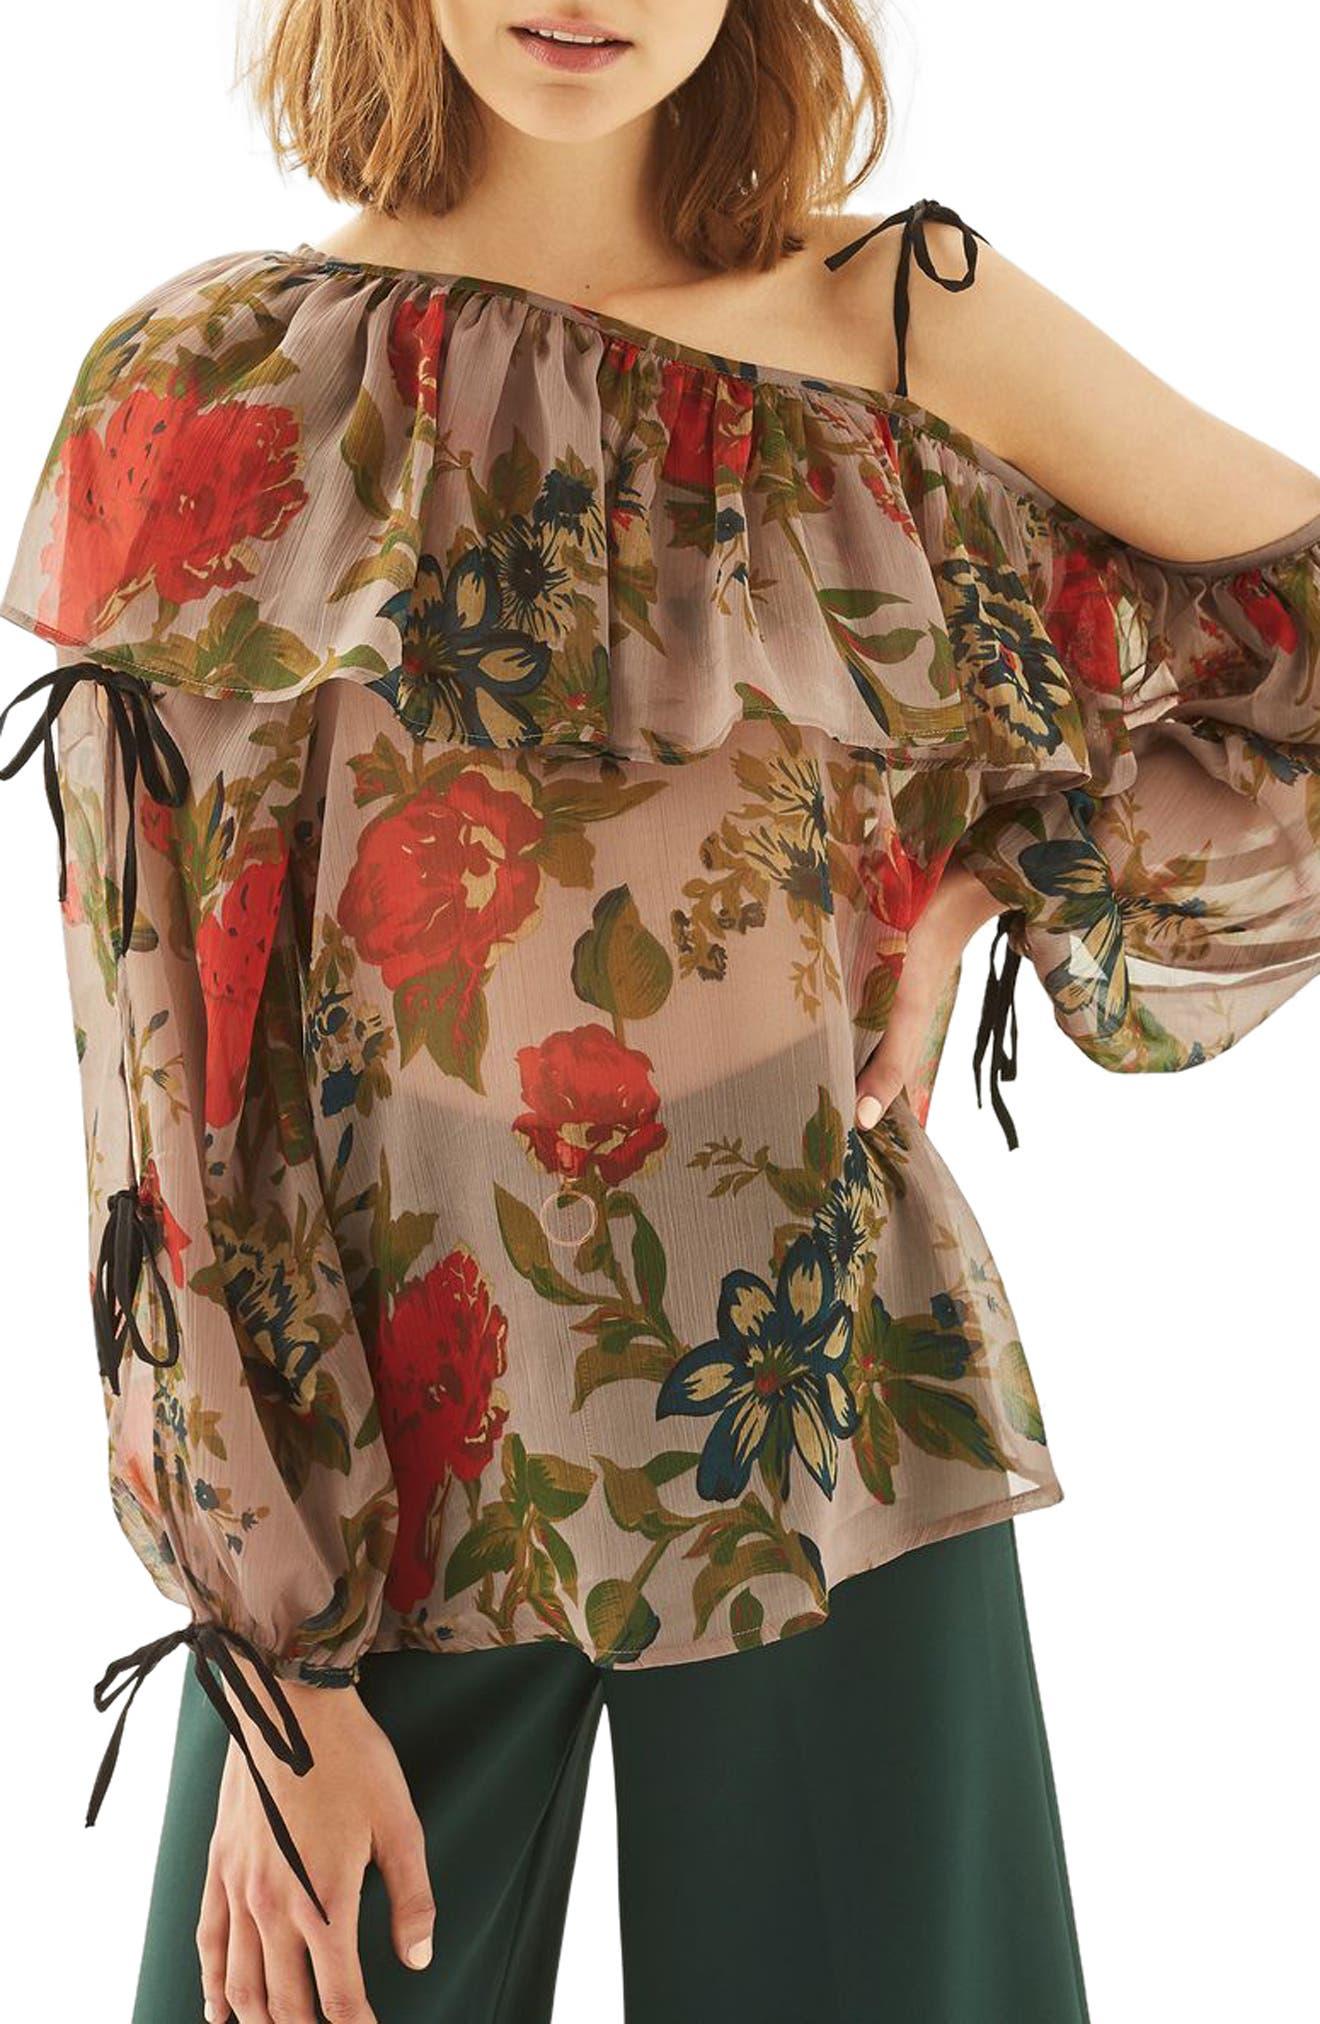 Topshop One-Shoulder Floral Top